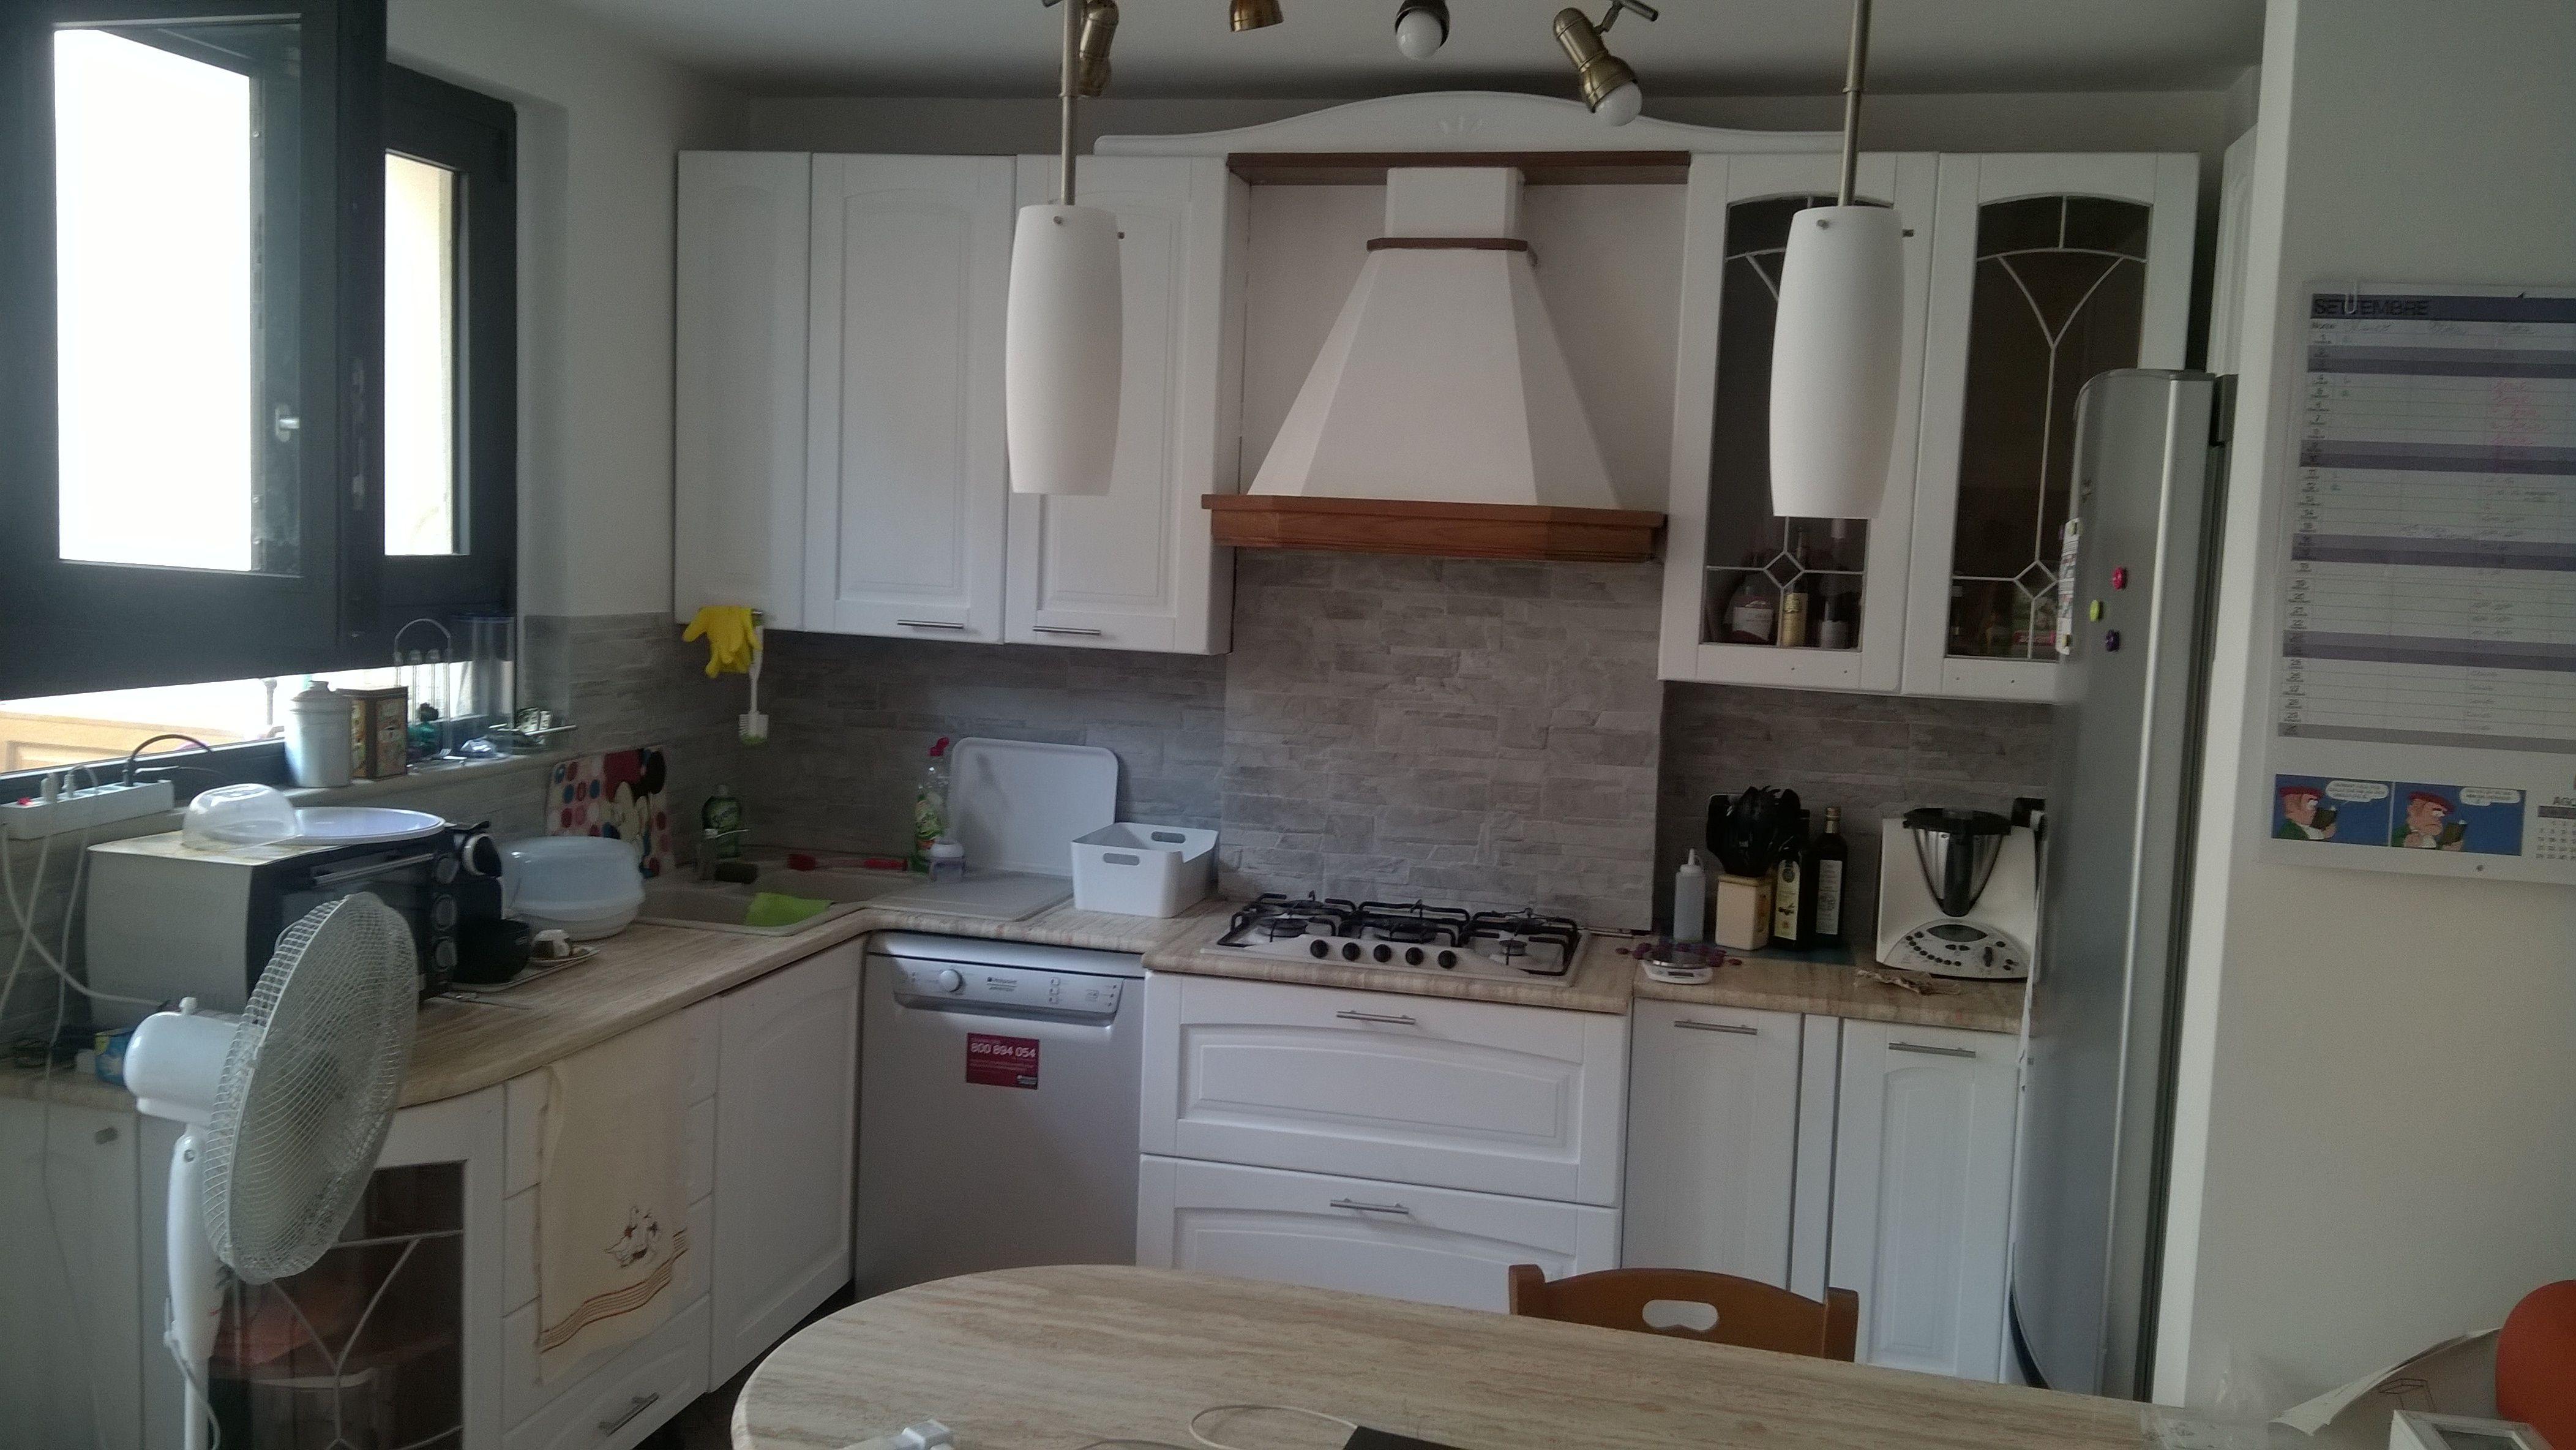 Ridipingere la cucina... Tocco fresco e moderno ad una cucina ...